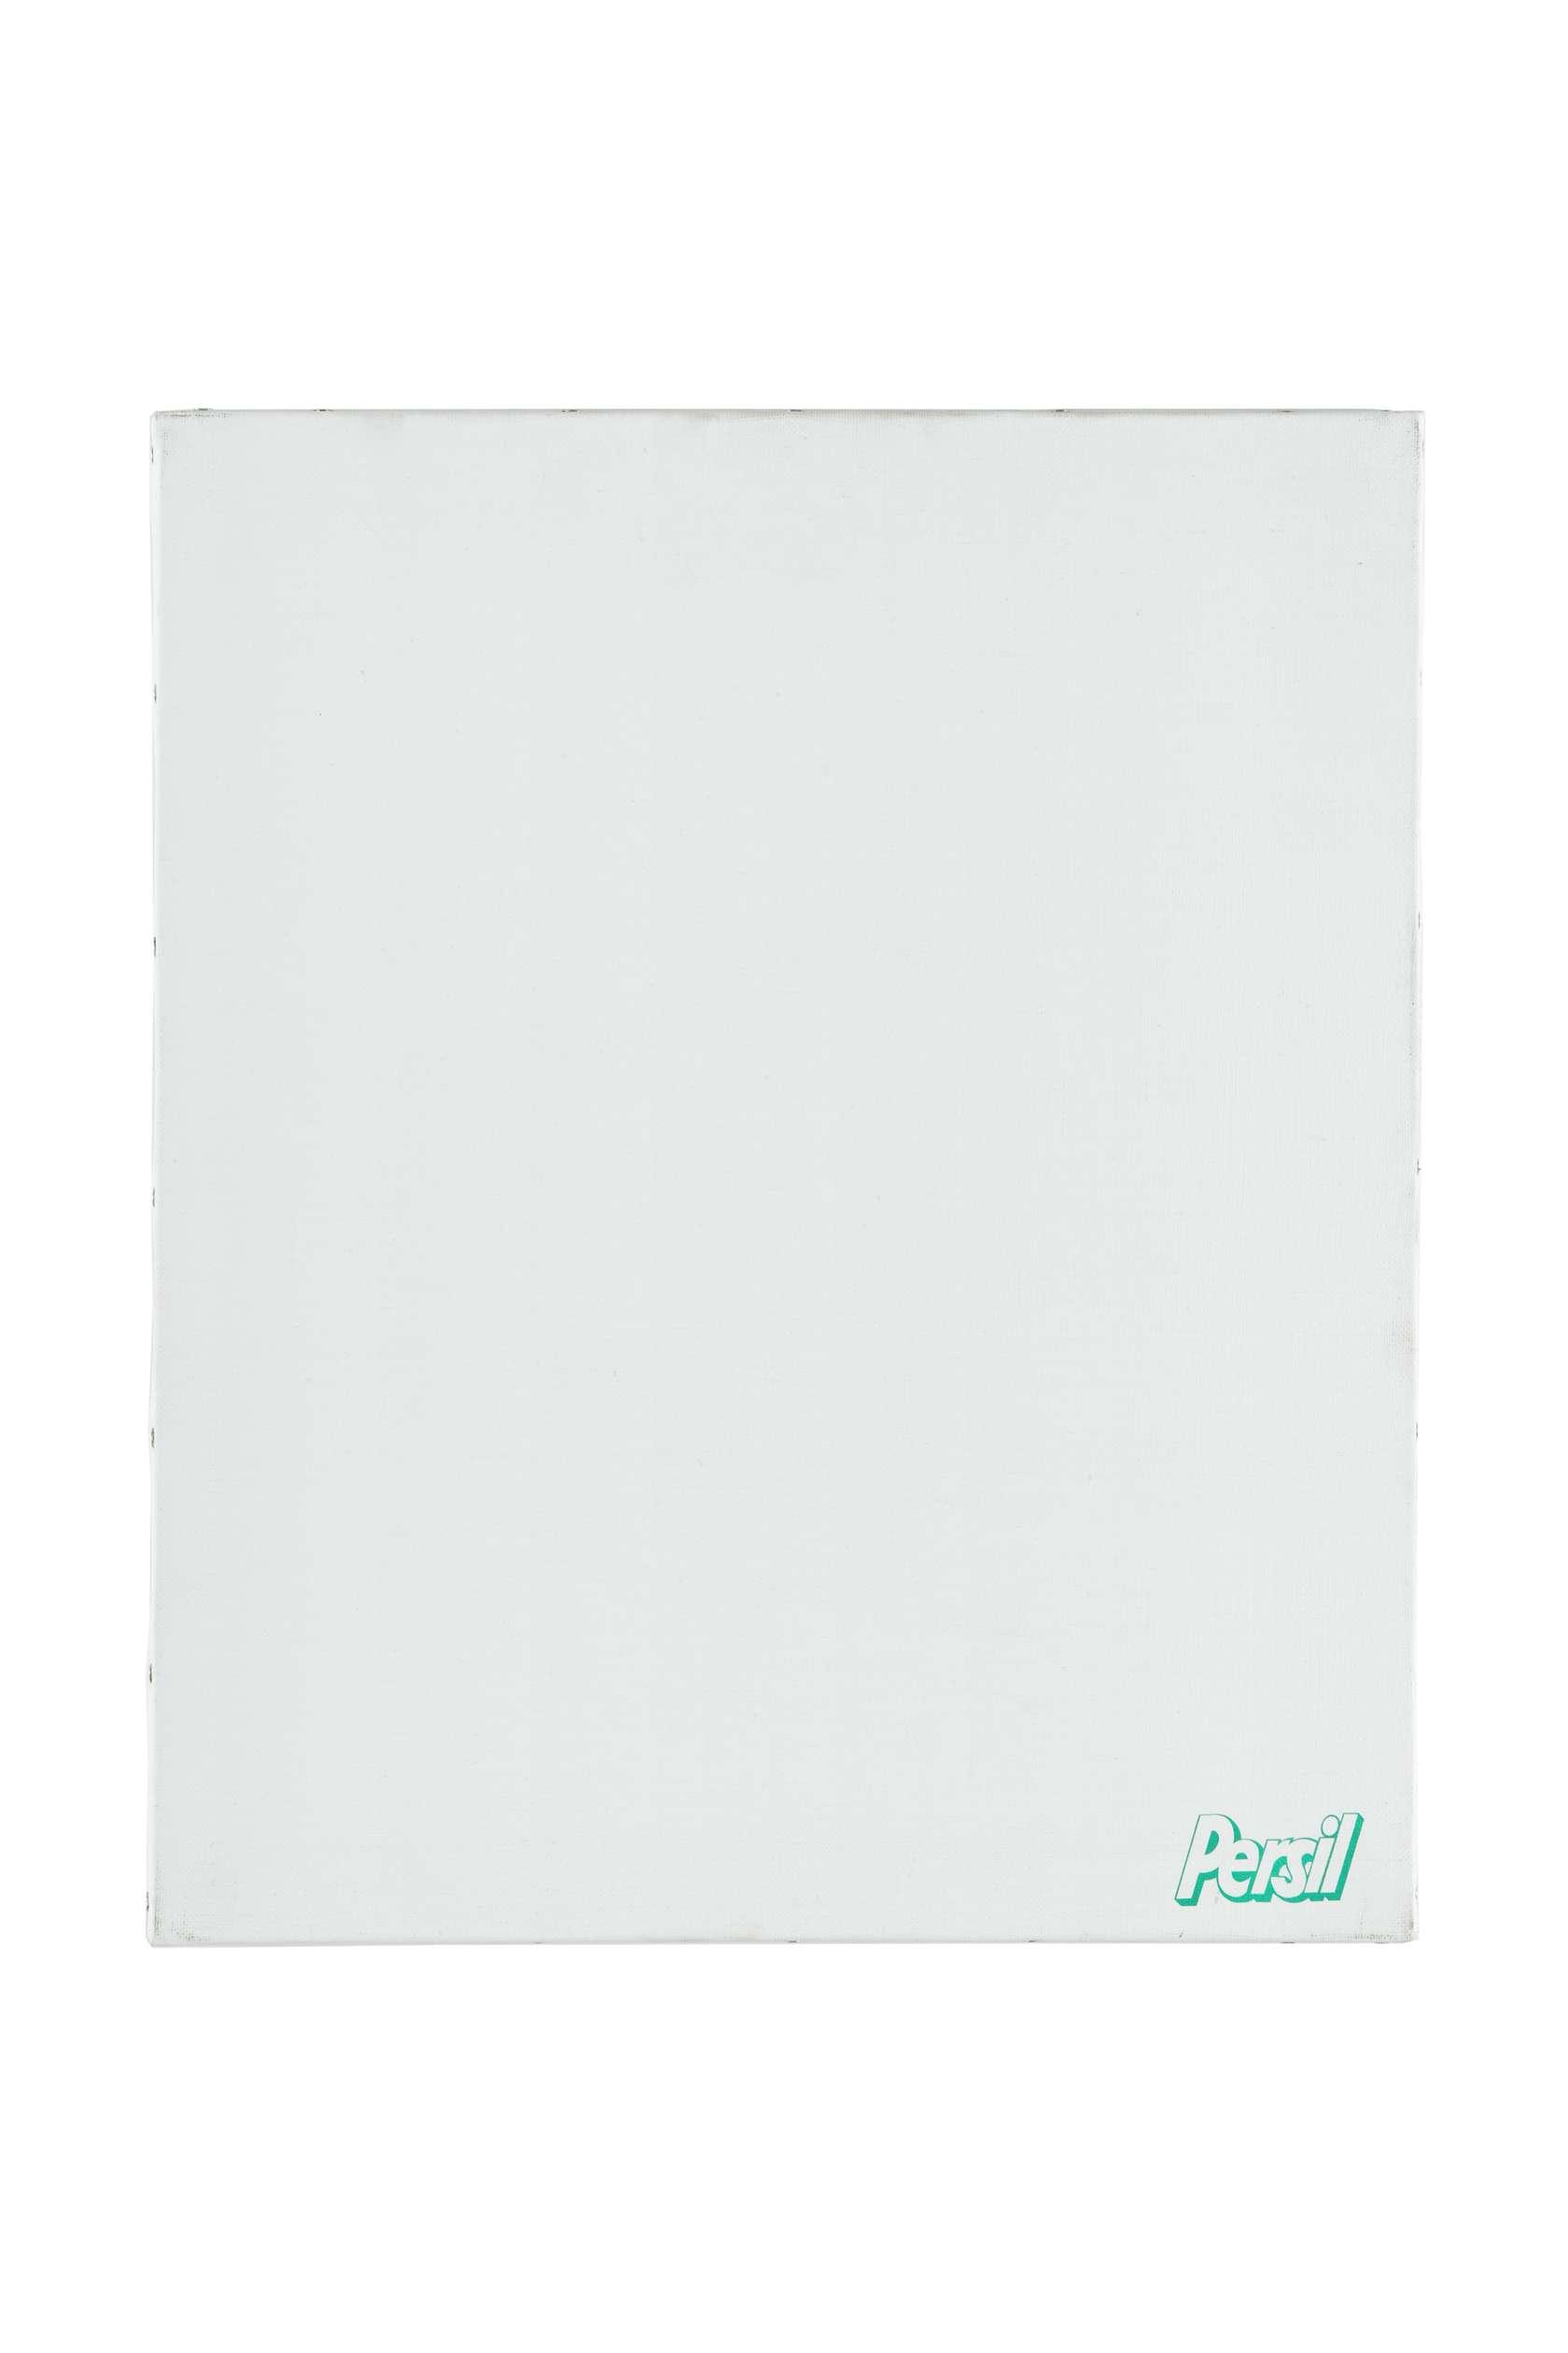 Présence Panchounette, Monochrome lessive (Persil), 1988 Acrylique et décalcomanie sur toile46 x 38cm / 18 1/8 x 15 inches